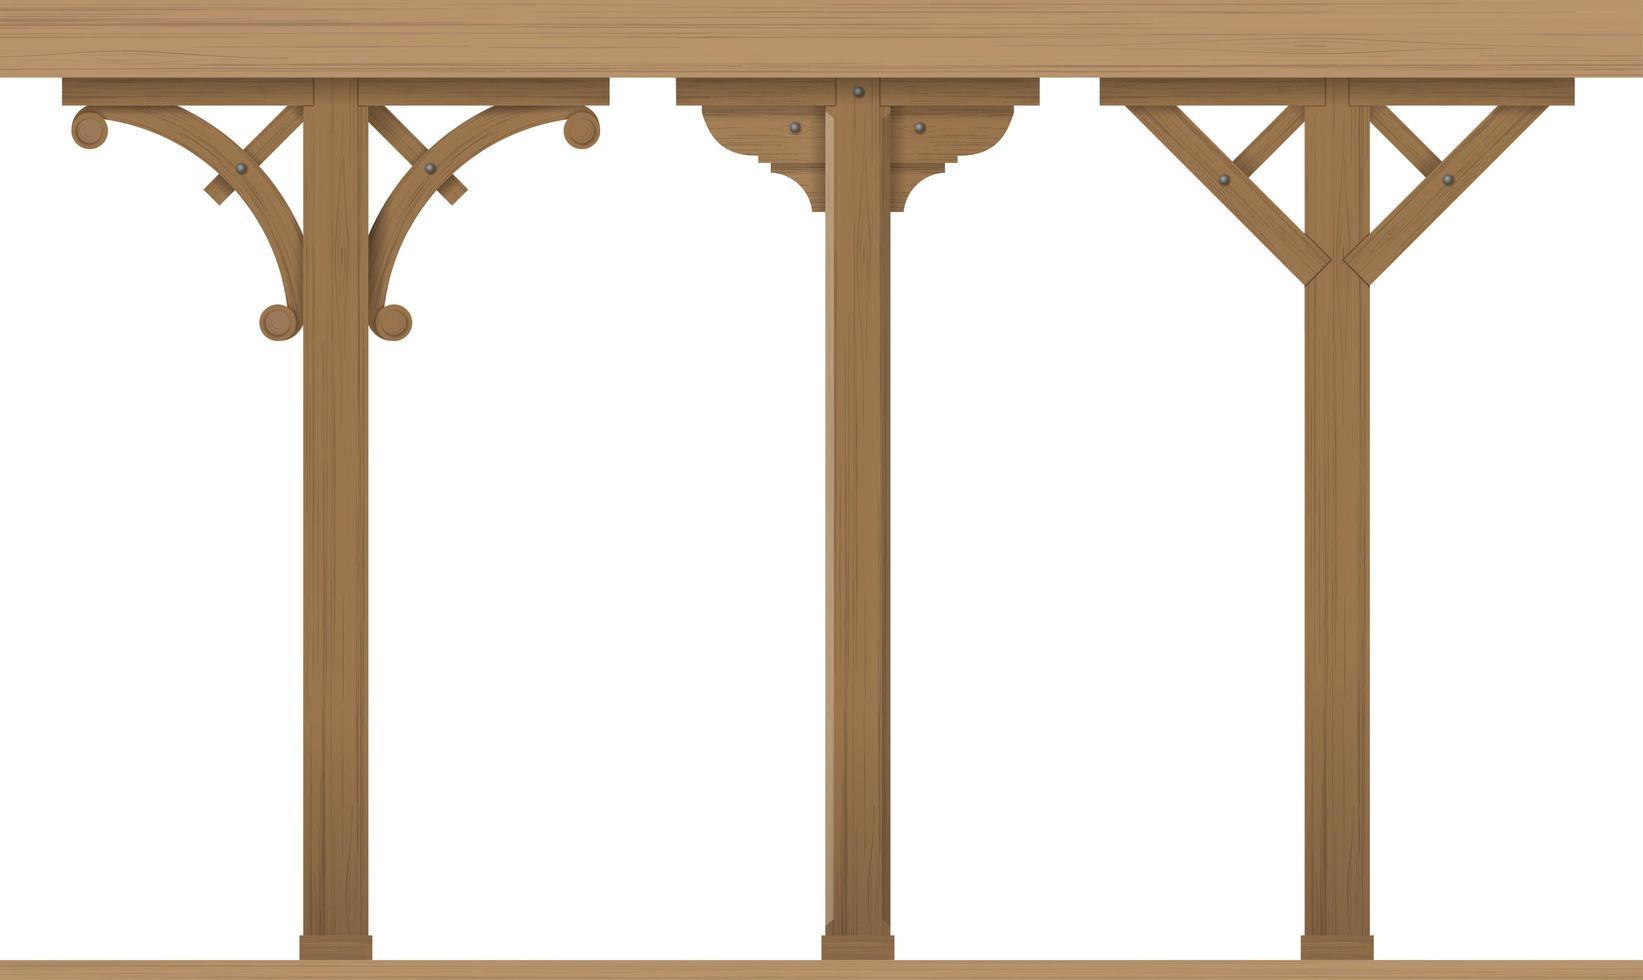 conjunto de columnas arquitectónicas de madera vintage vector